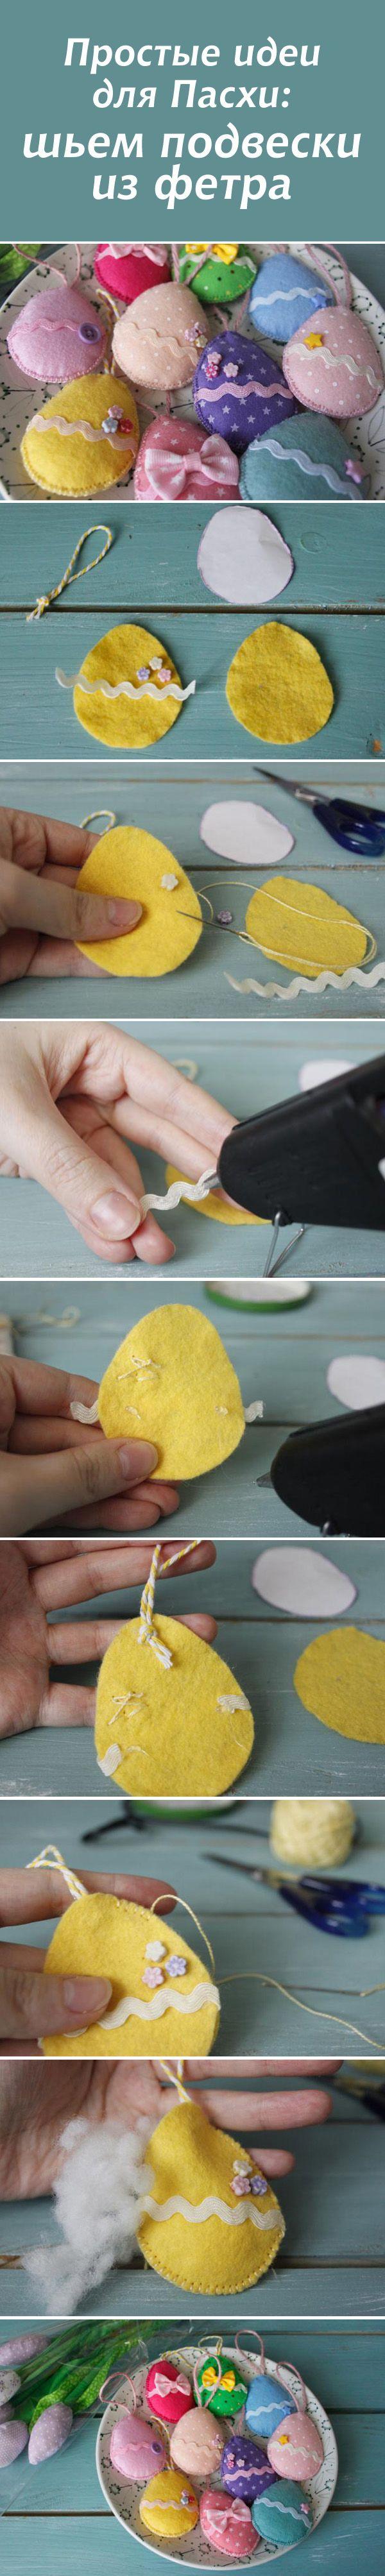 Простые идеи для Пасхи: шьем подвески из фетра #diy #easter #eggs #felt